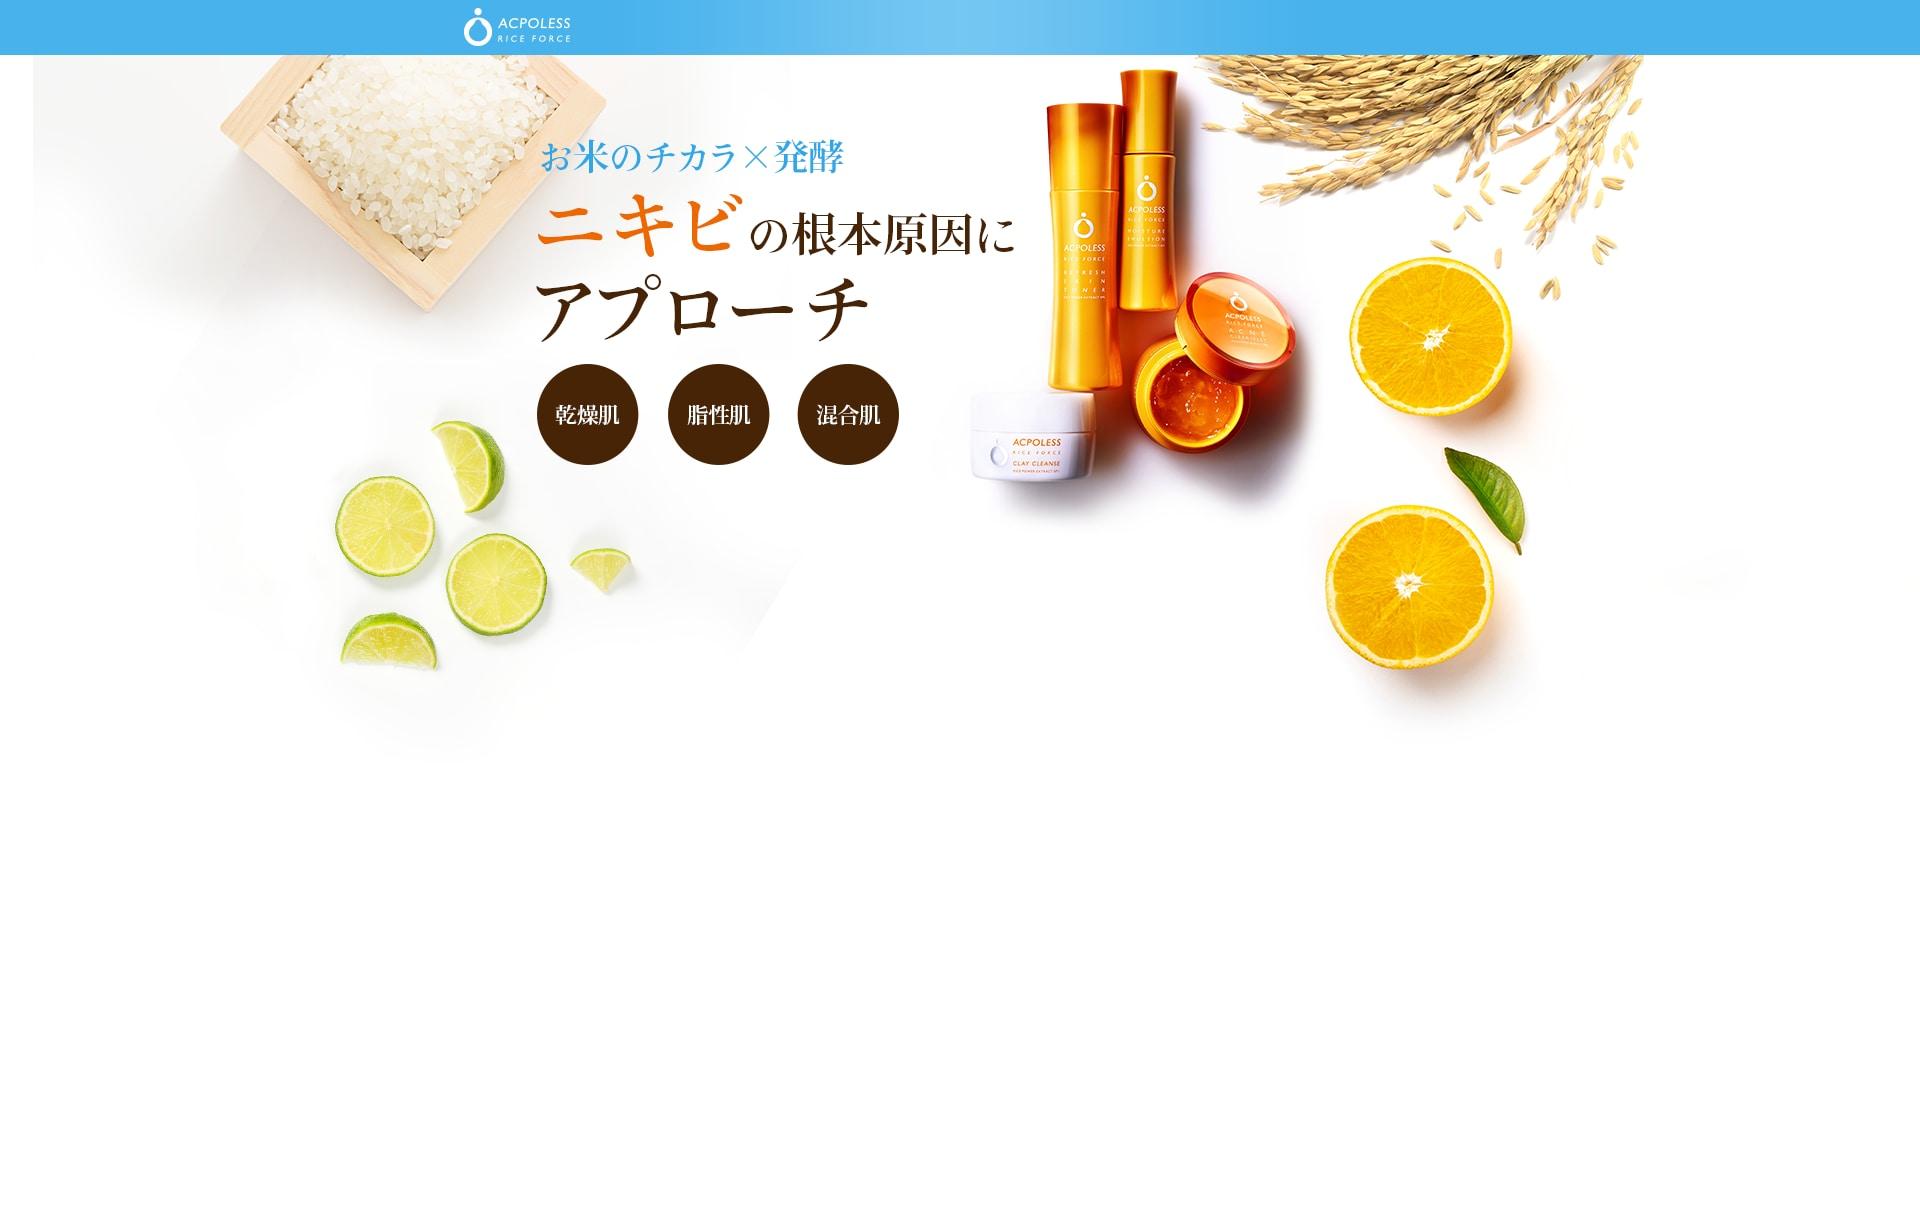 お米のチカラ×発酵 ニキビの根本原因にアプローチ 乾燥肌 脂性肌 混合肌